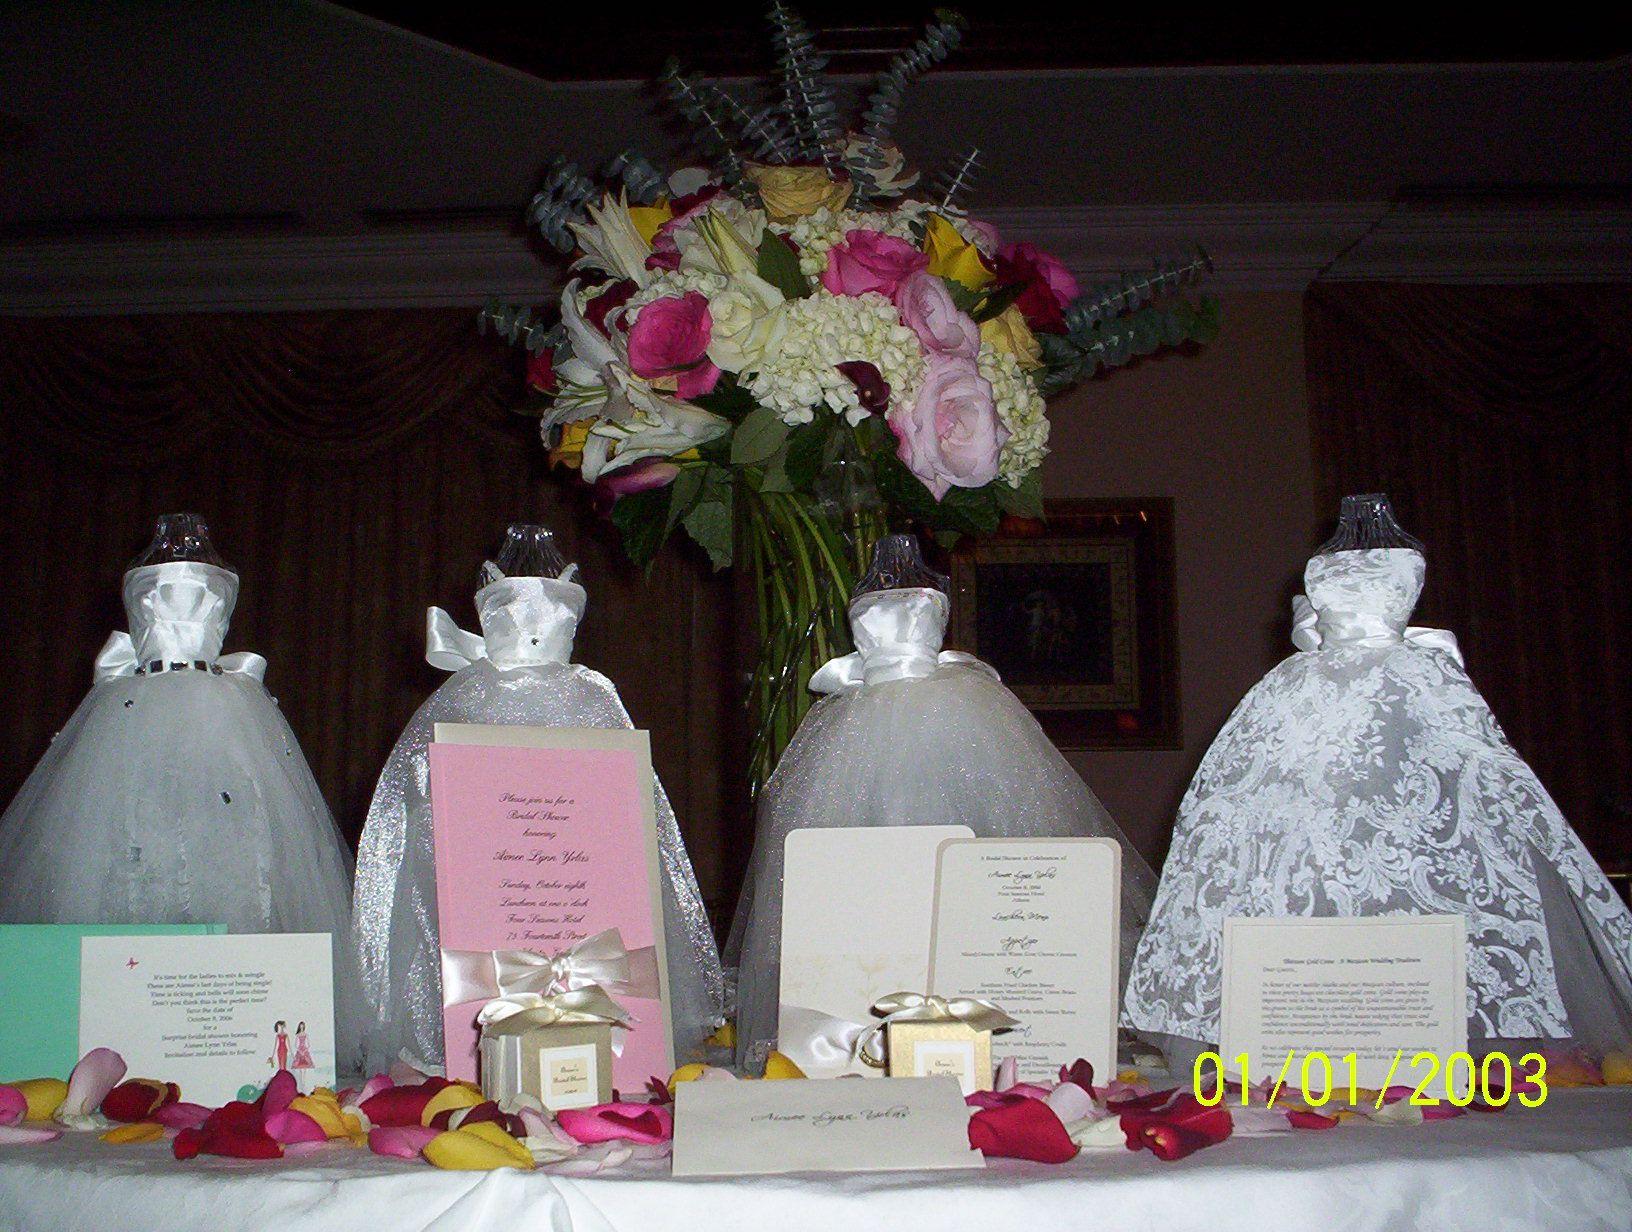 Flowers Favors Decorations